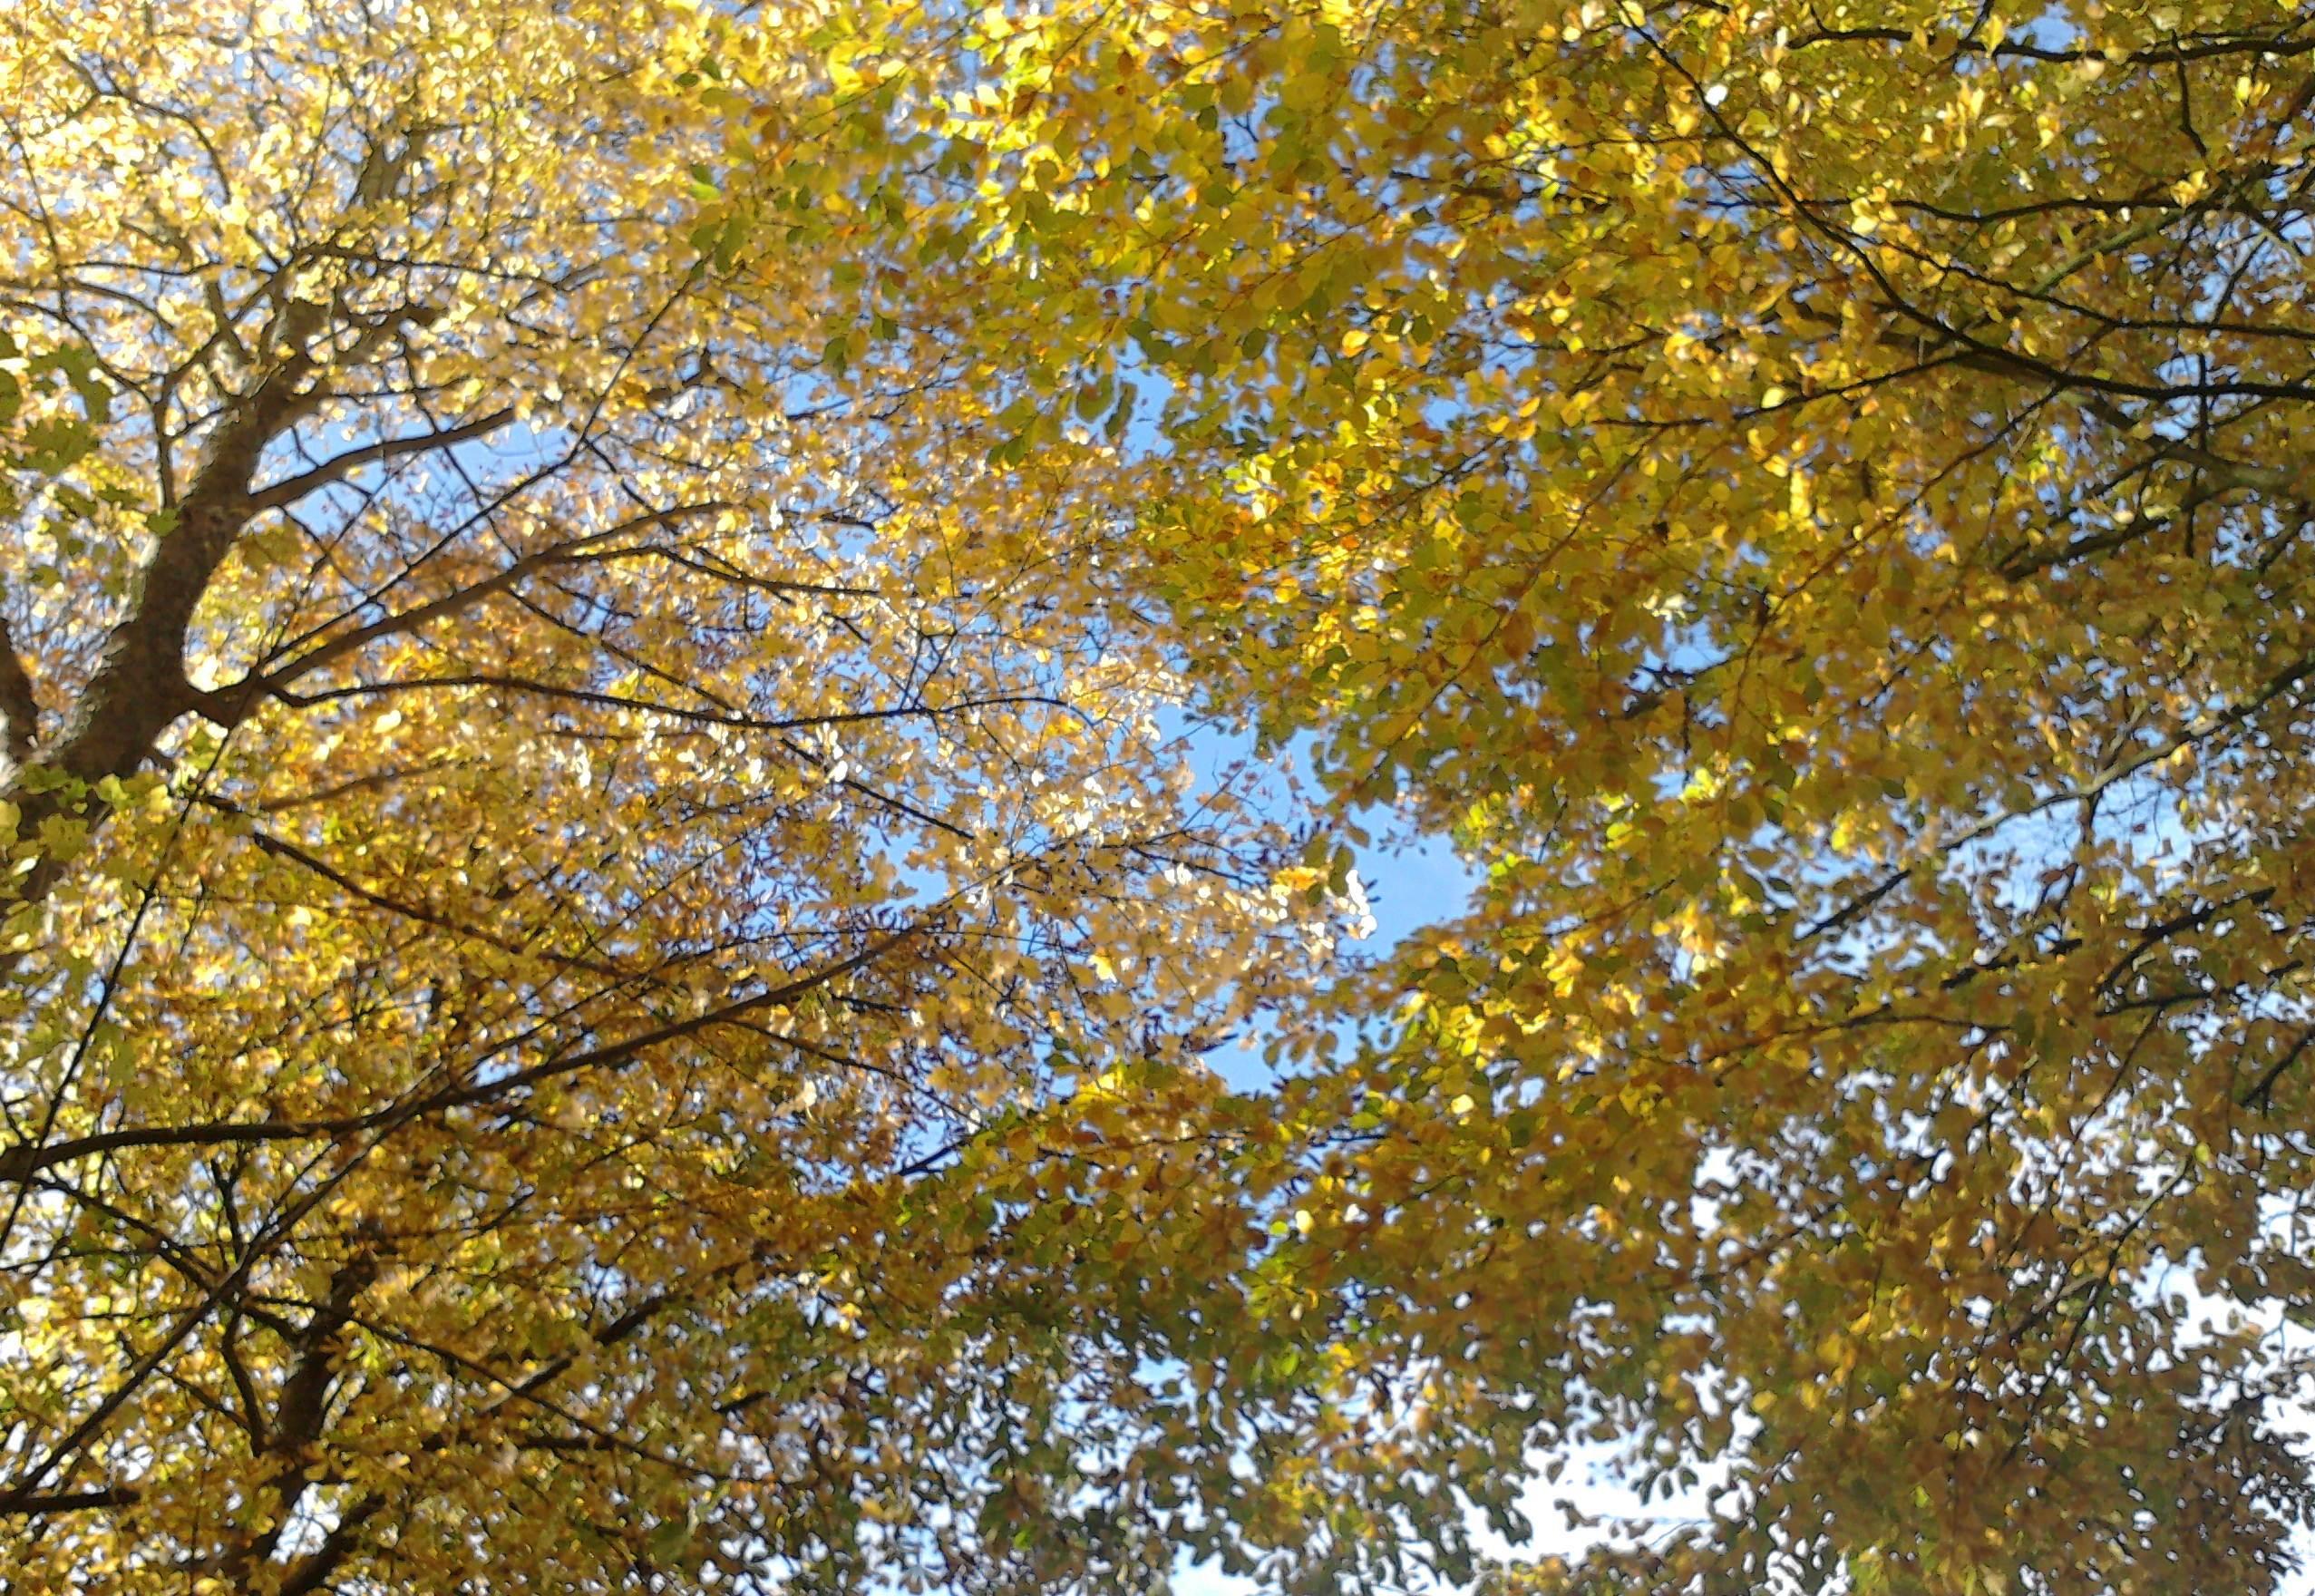 Sonntagsmomente Ein Herbstblatt Gedicht Zum Advent